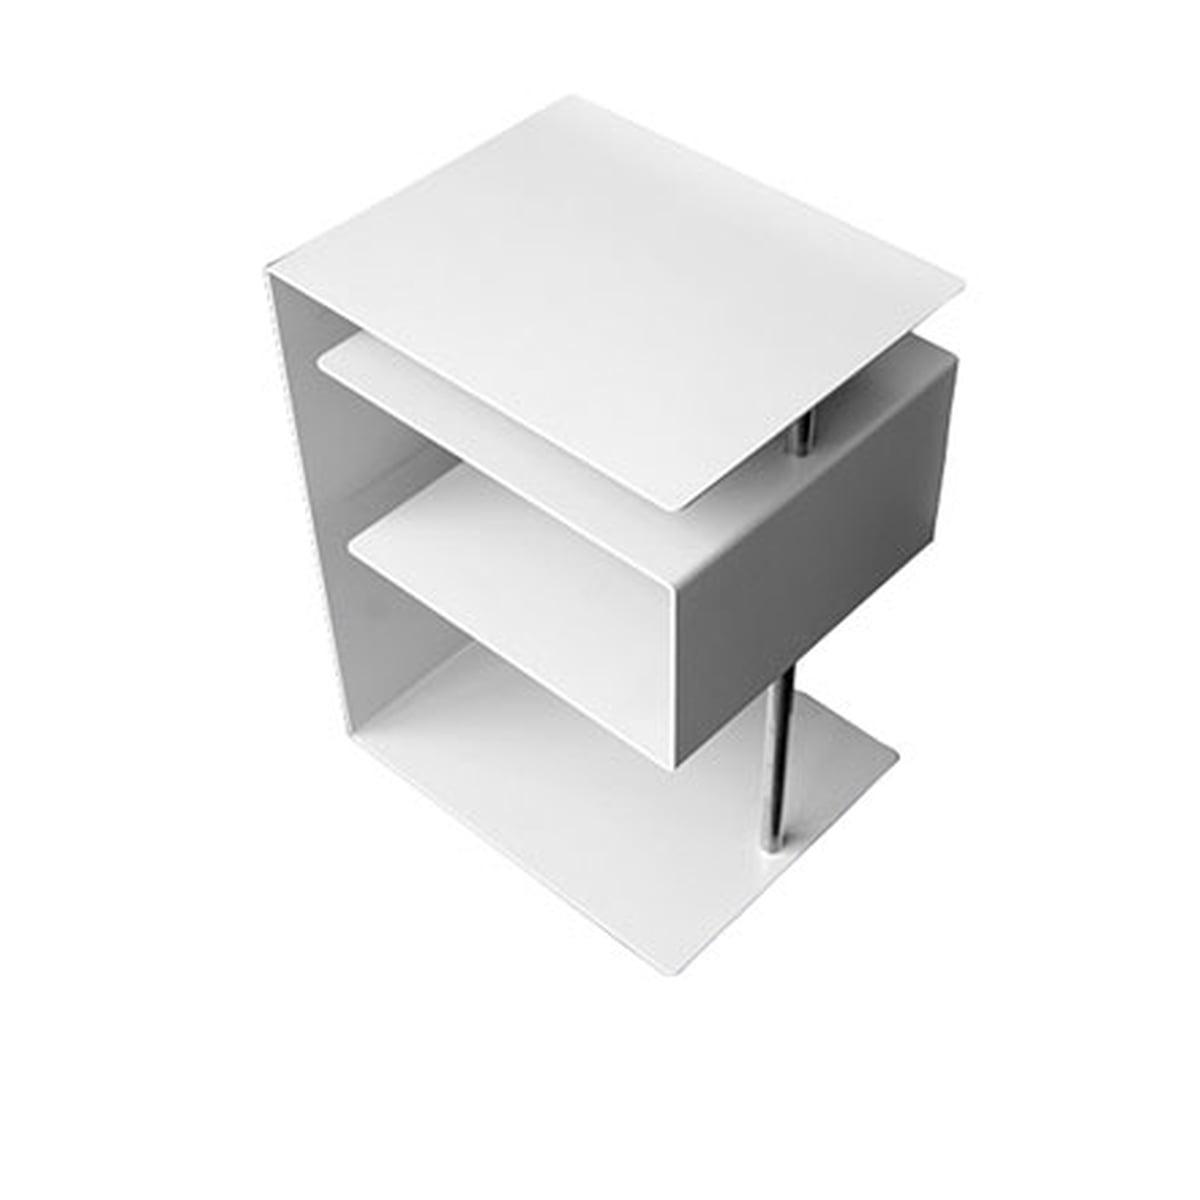 x-centric Tisch, weiß